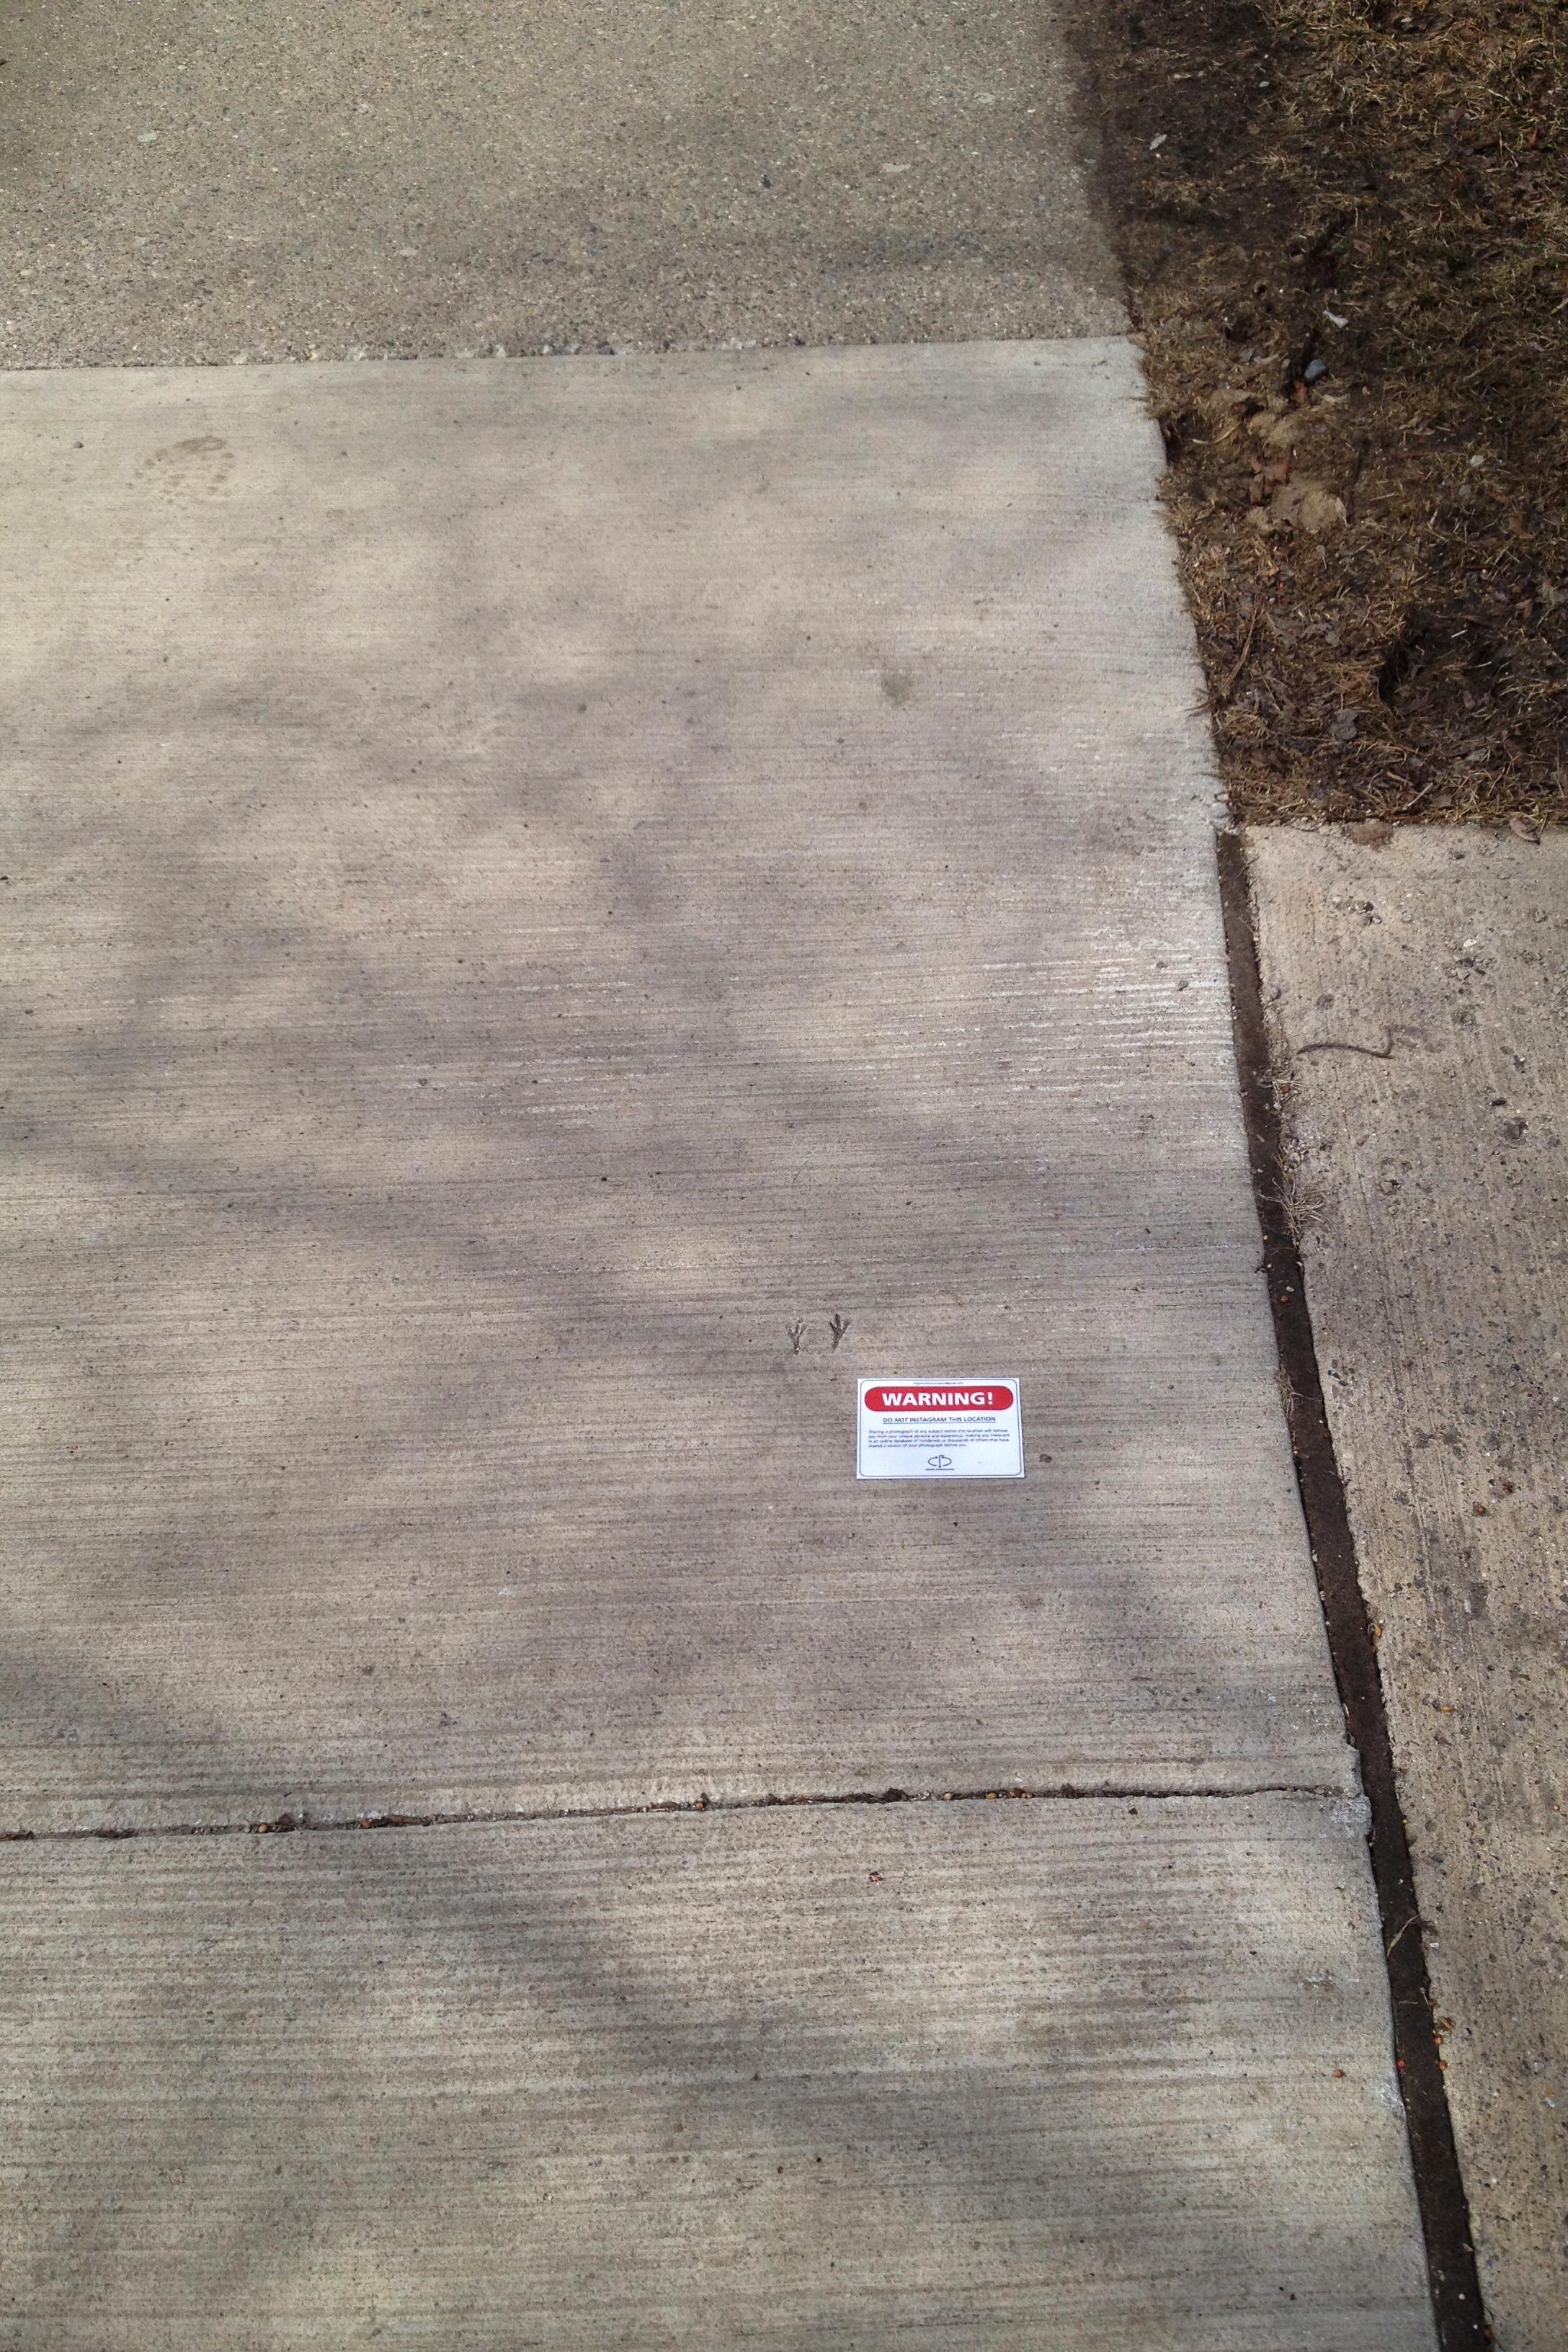 Bird Feet on Sidewalk (Ann & 5th Ave.)